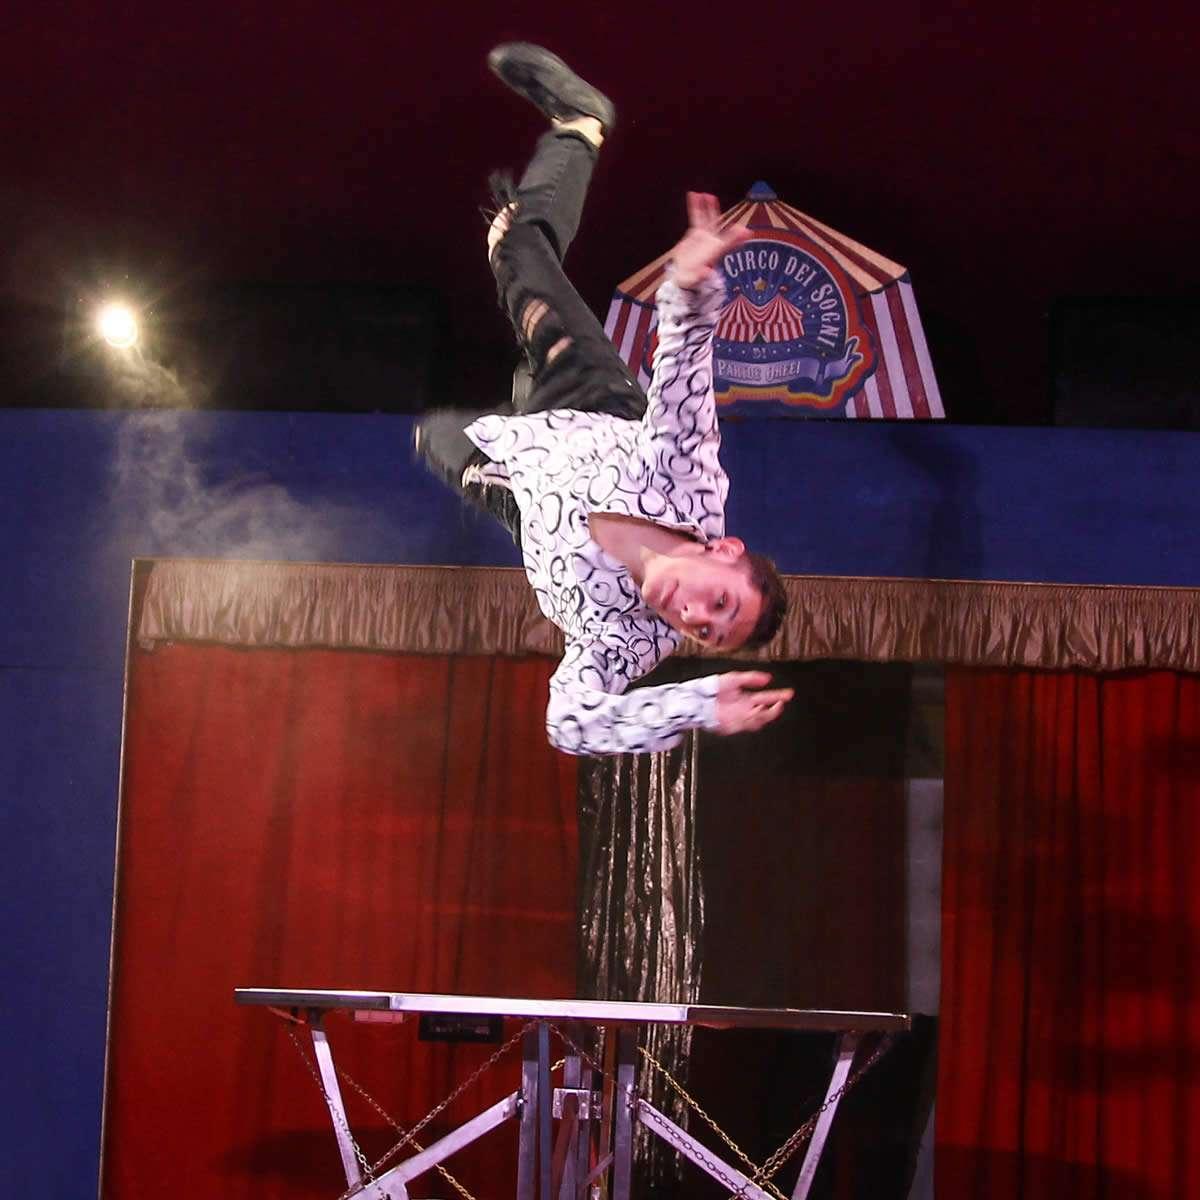 Piccolo Circo dei Sogni - In Volo